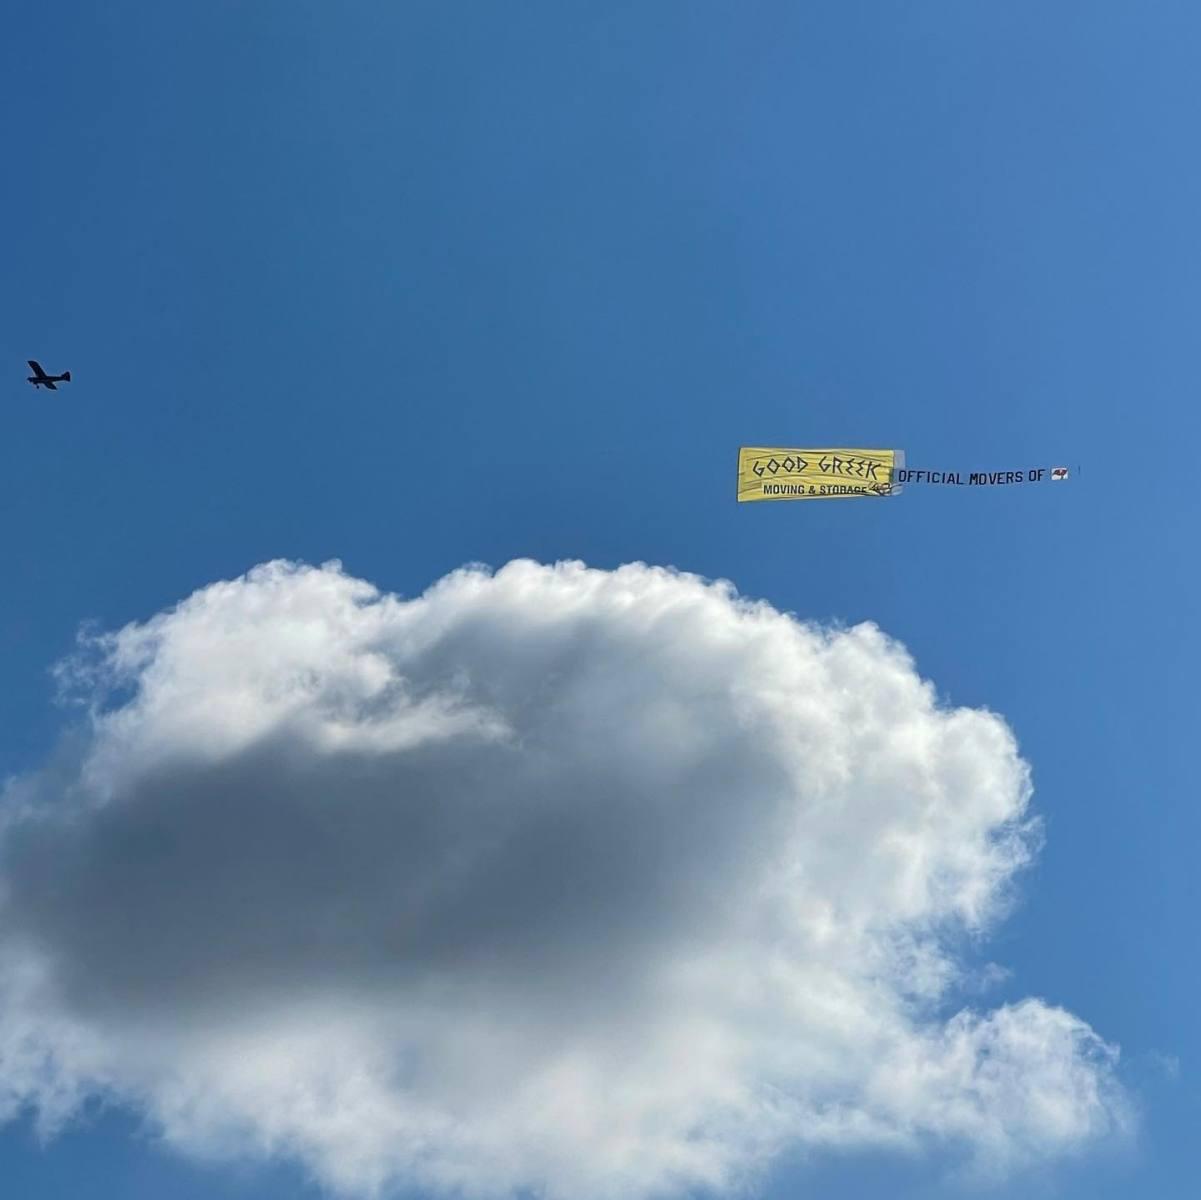 Good Greek Moving Banner Flyover